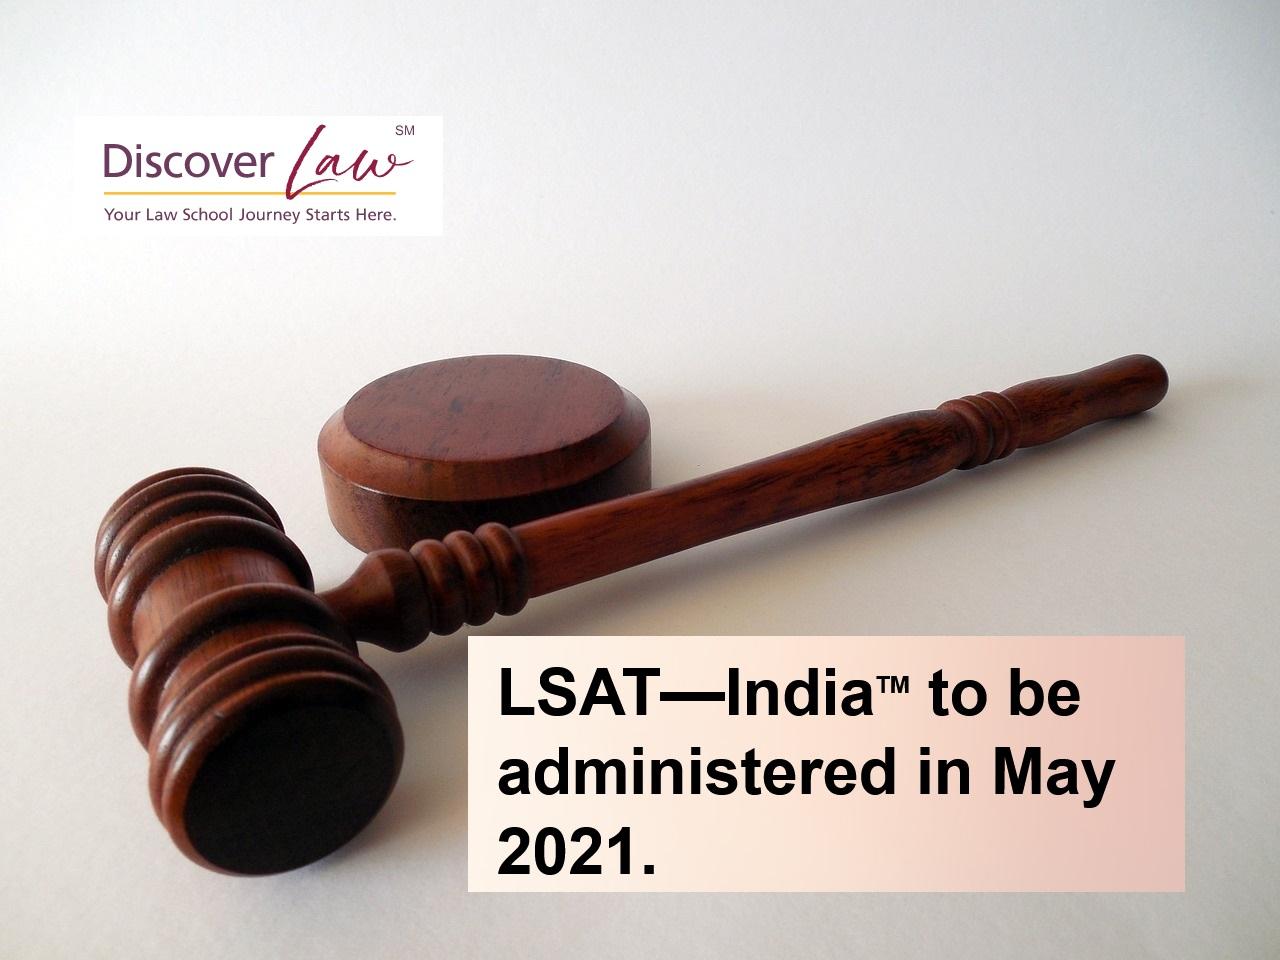 LSAT-India